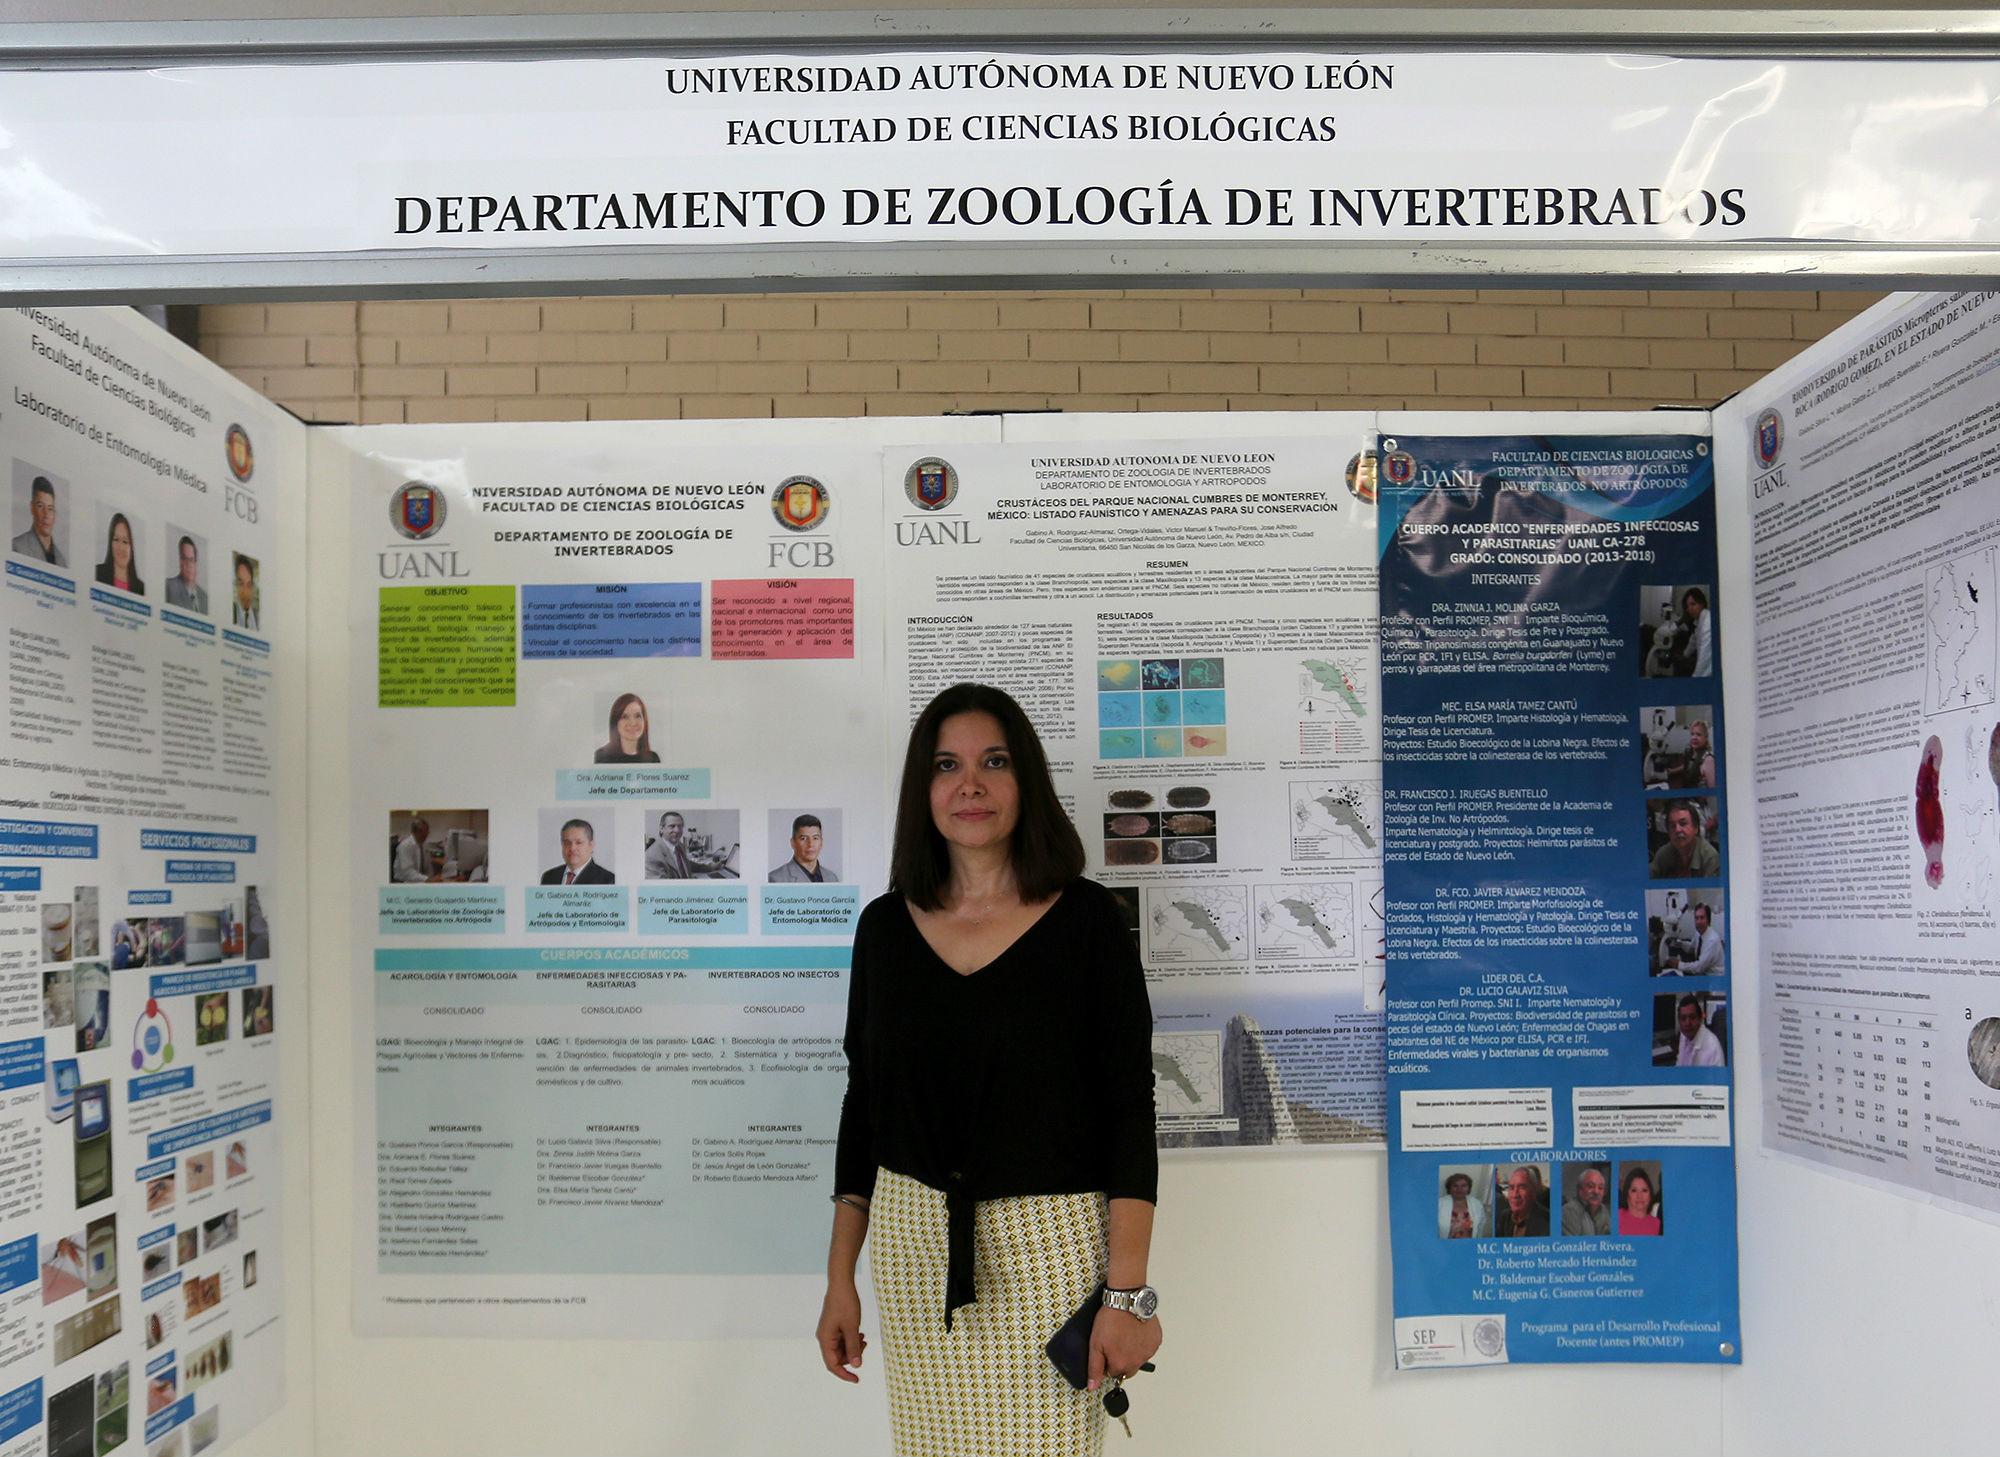 Dra. Adriana E. Flores suárez, Jefa del Departamento